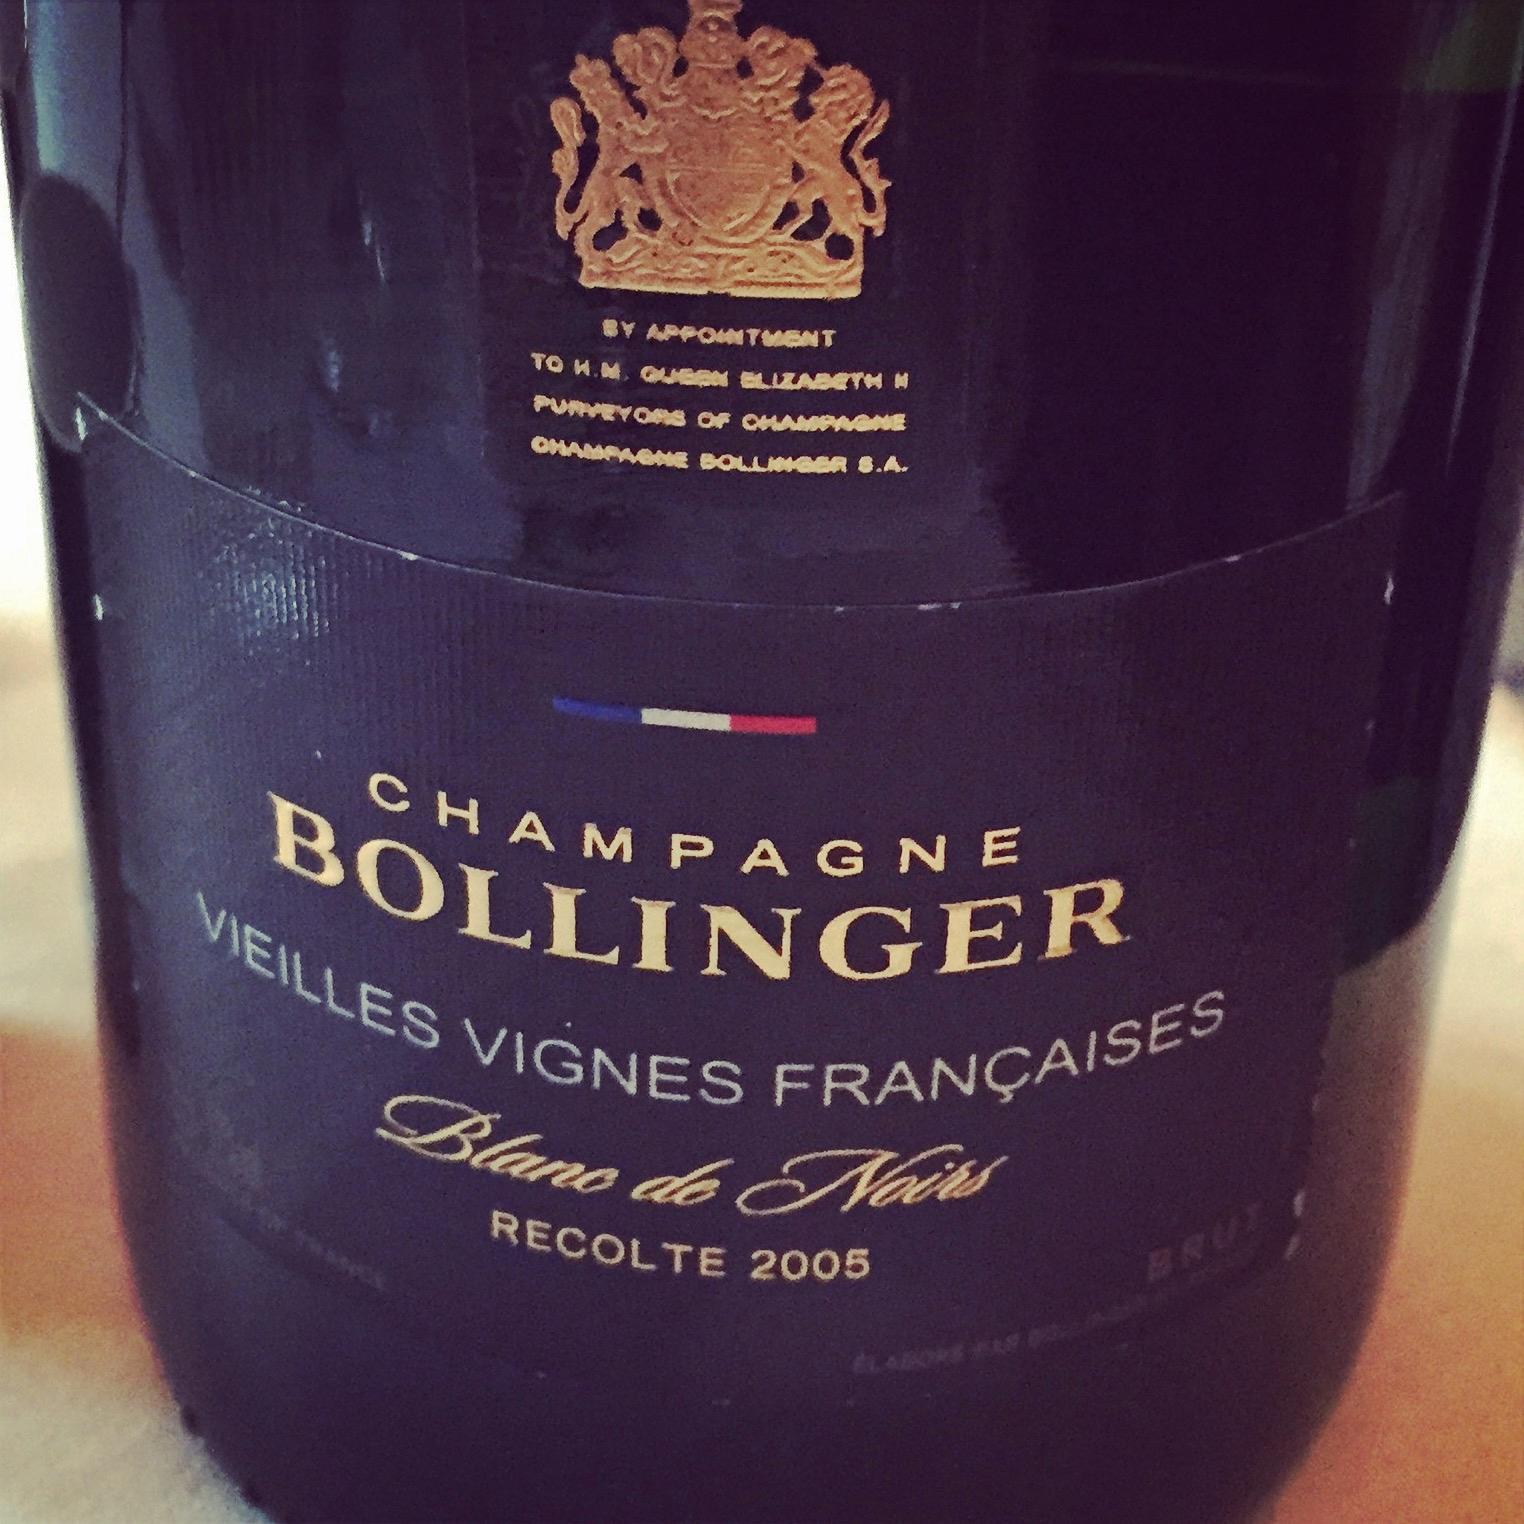 Bollinger-VVF-2005.jpg